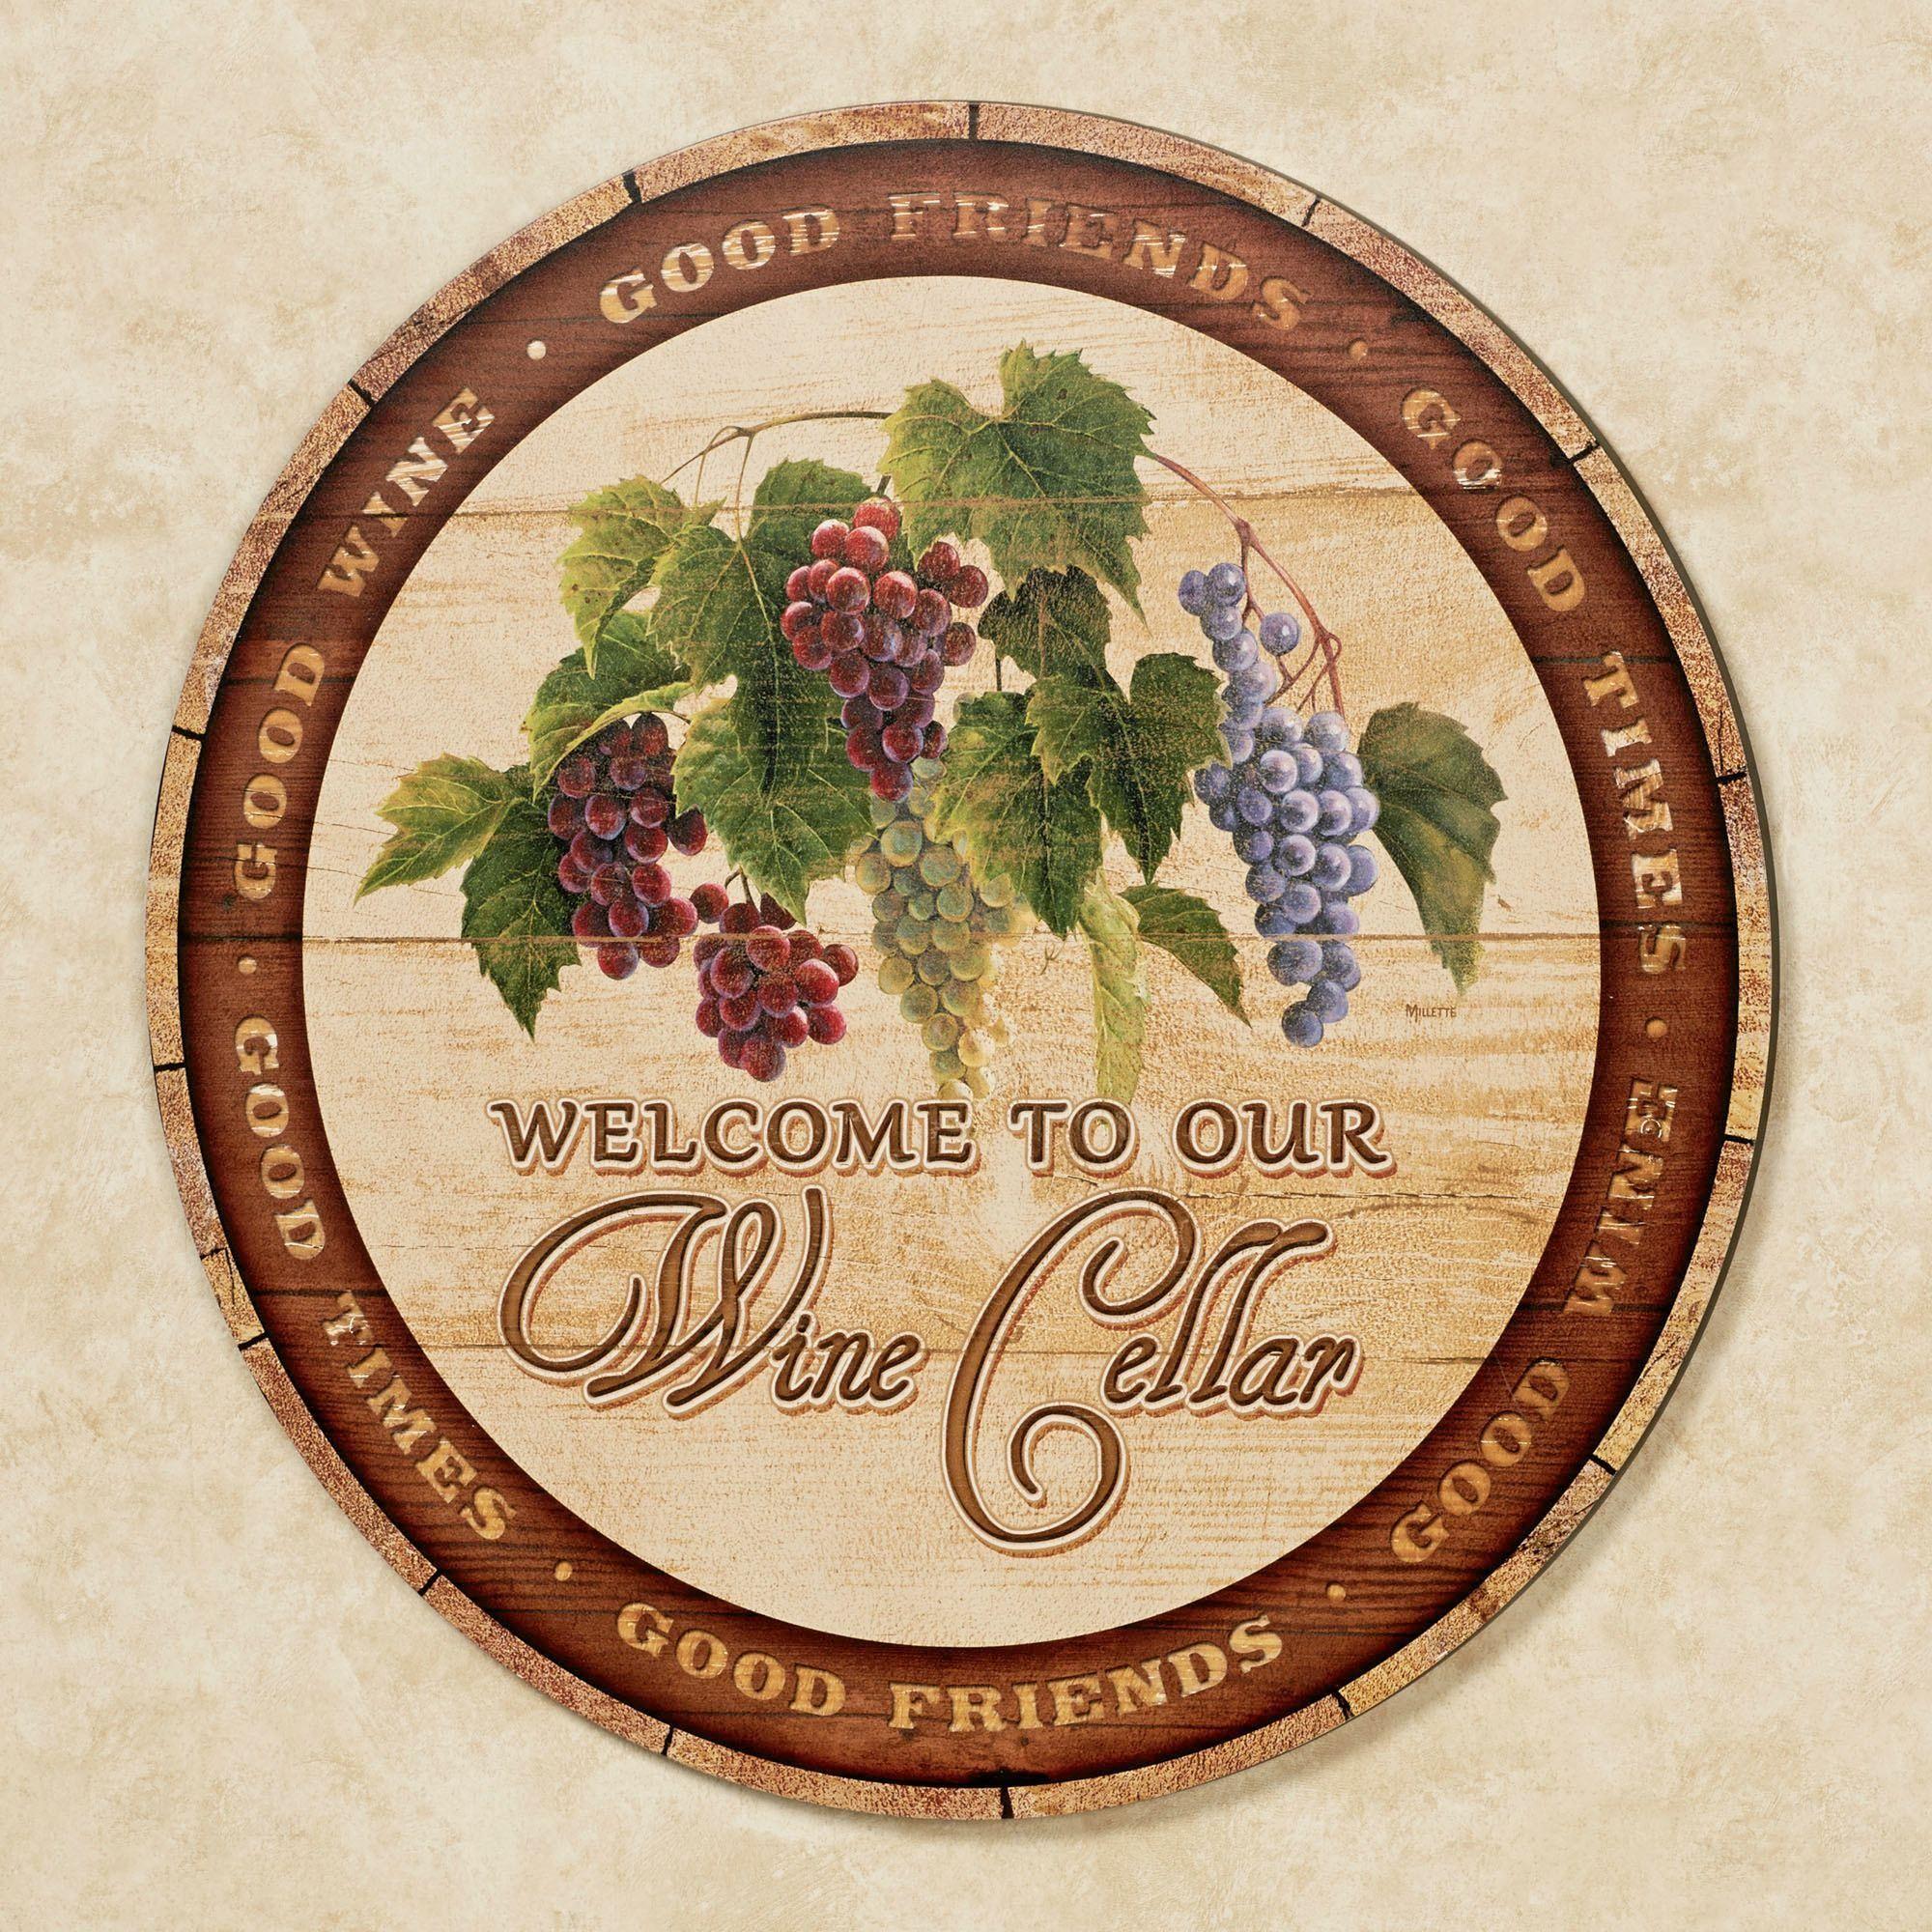 Wine Cellar Round Wooden Wall Art Sign